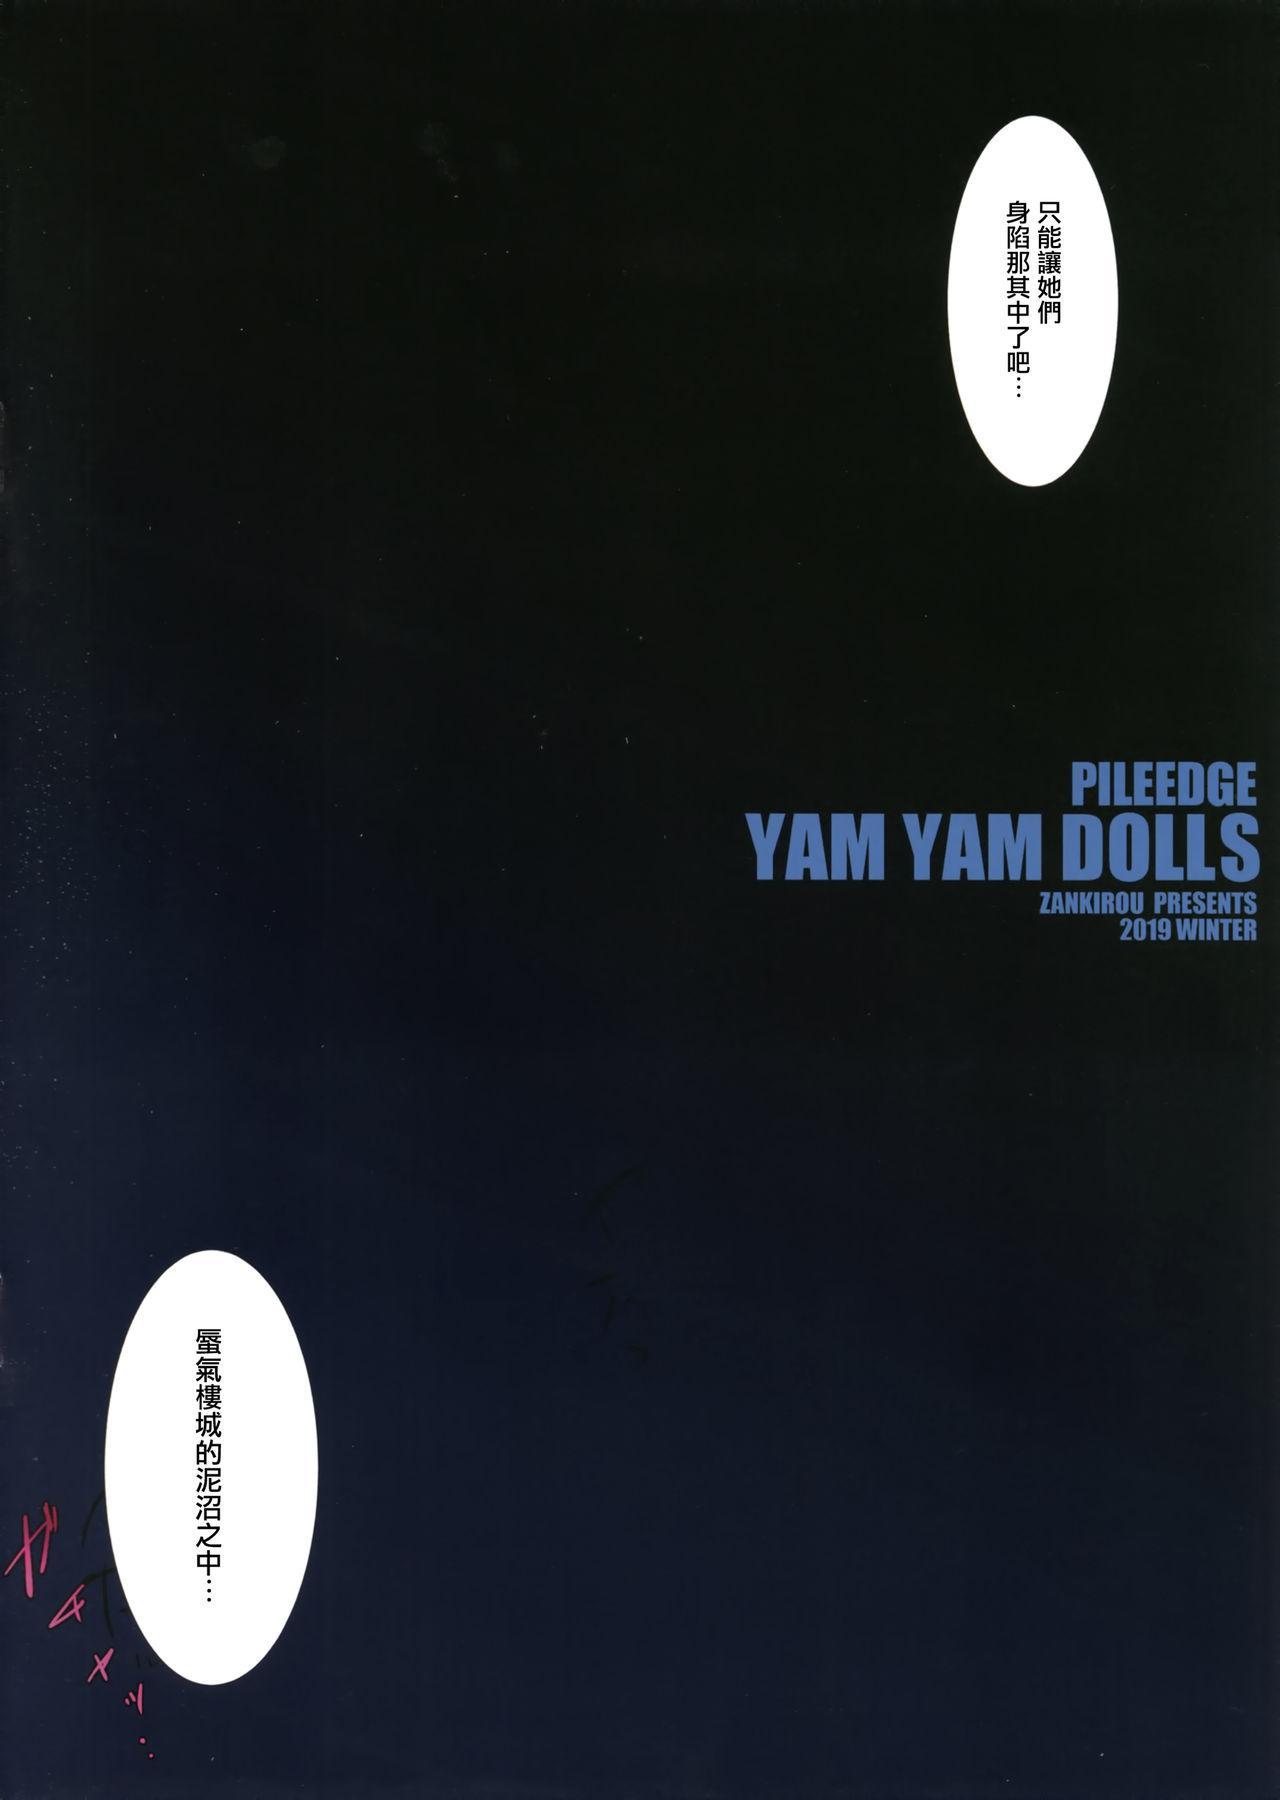 PILE EDGE YAM YAM DOLLS 2